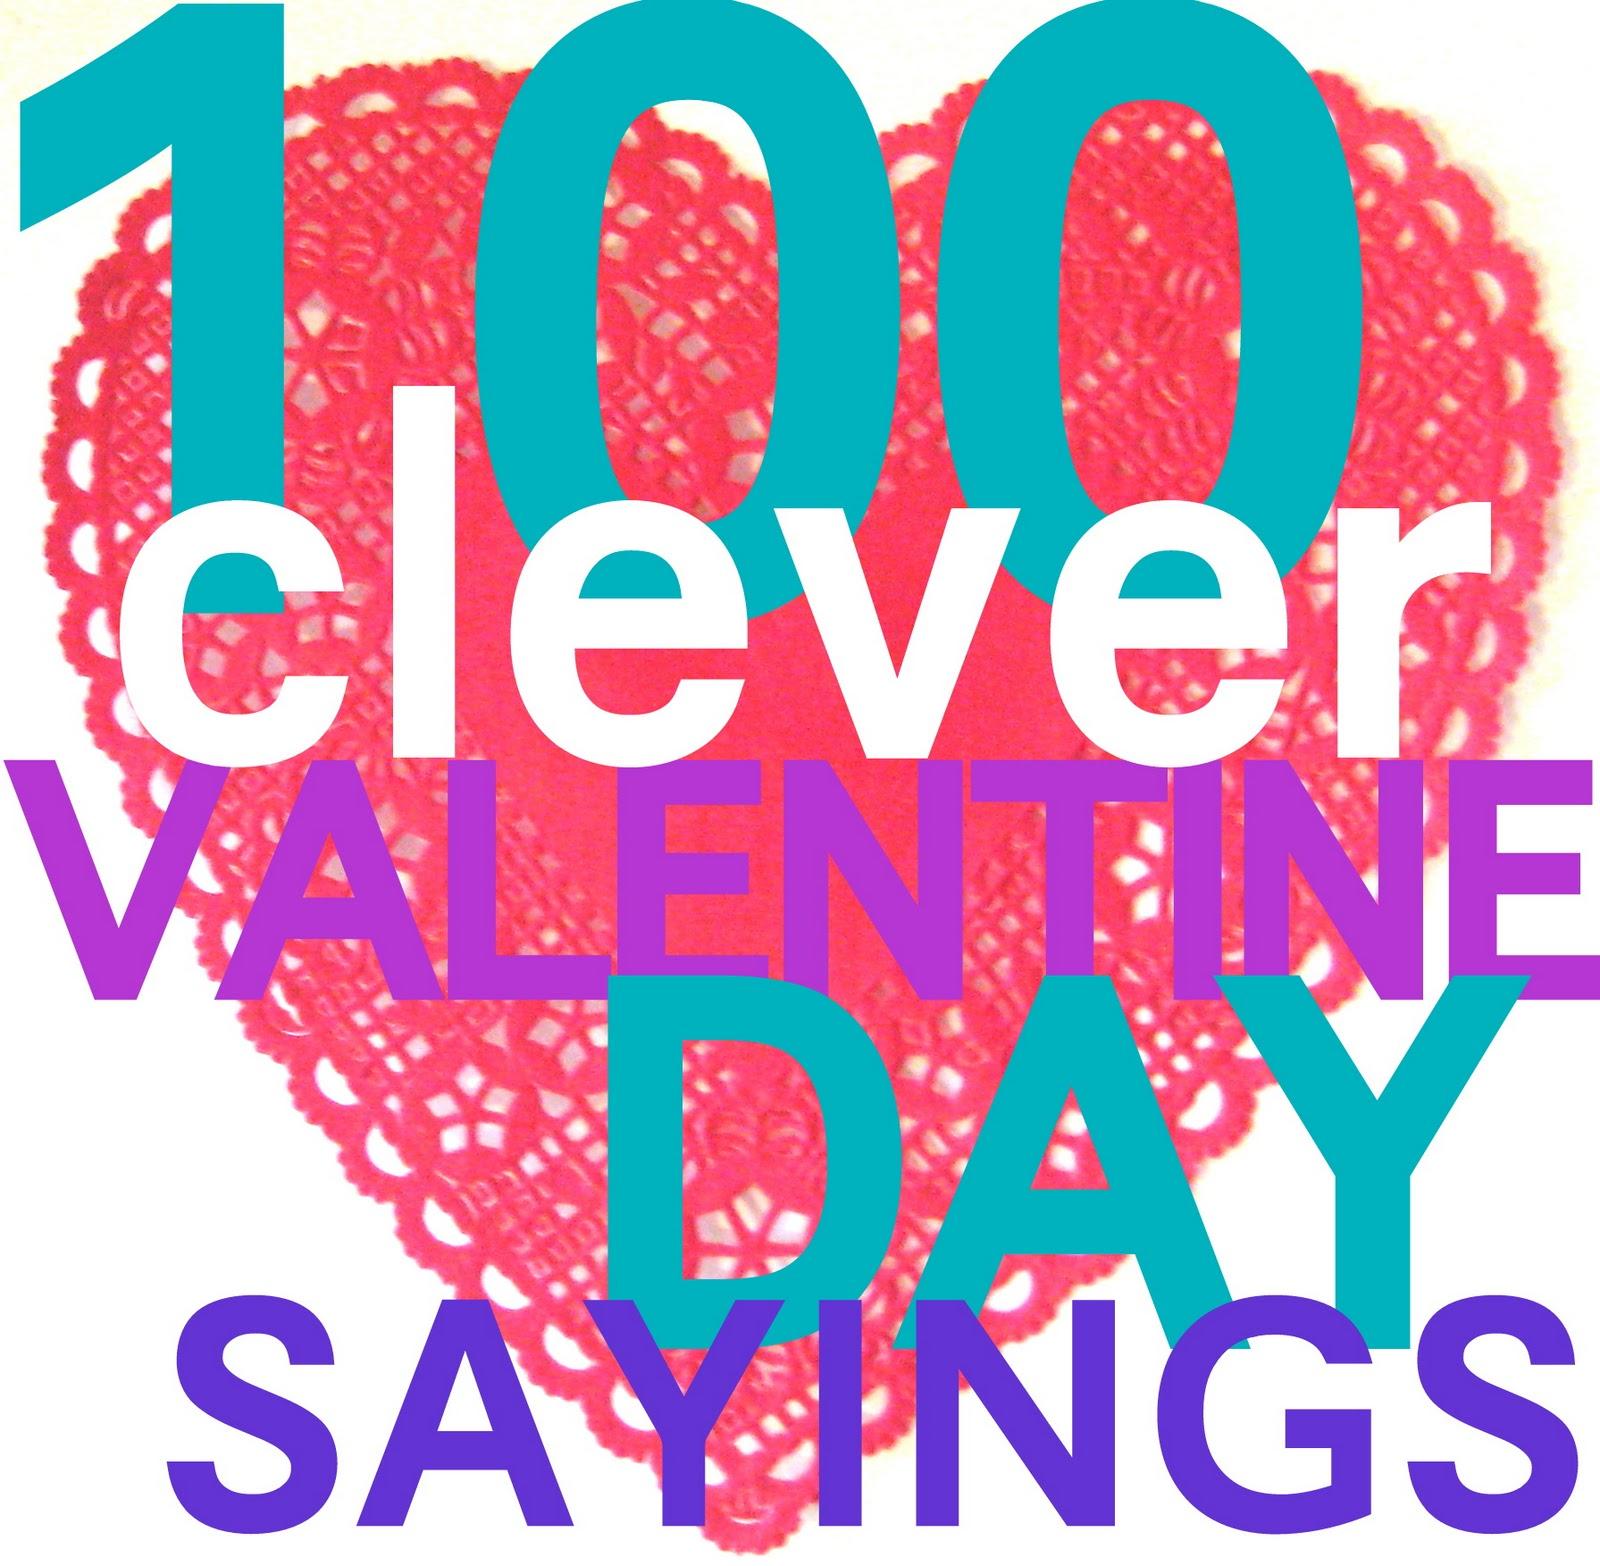 Best Friend Valentine Quotes. QuotesGram